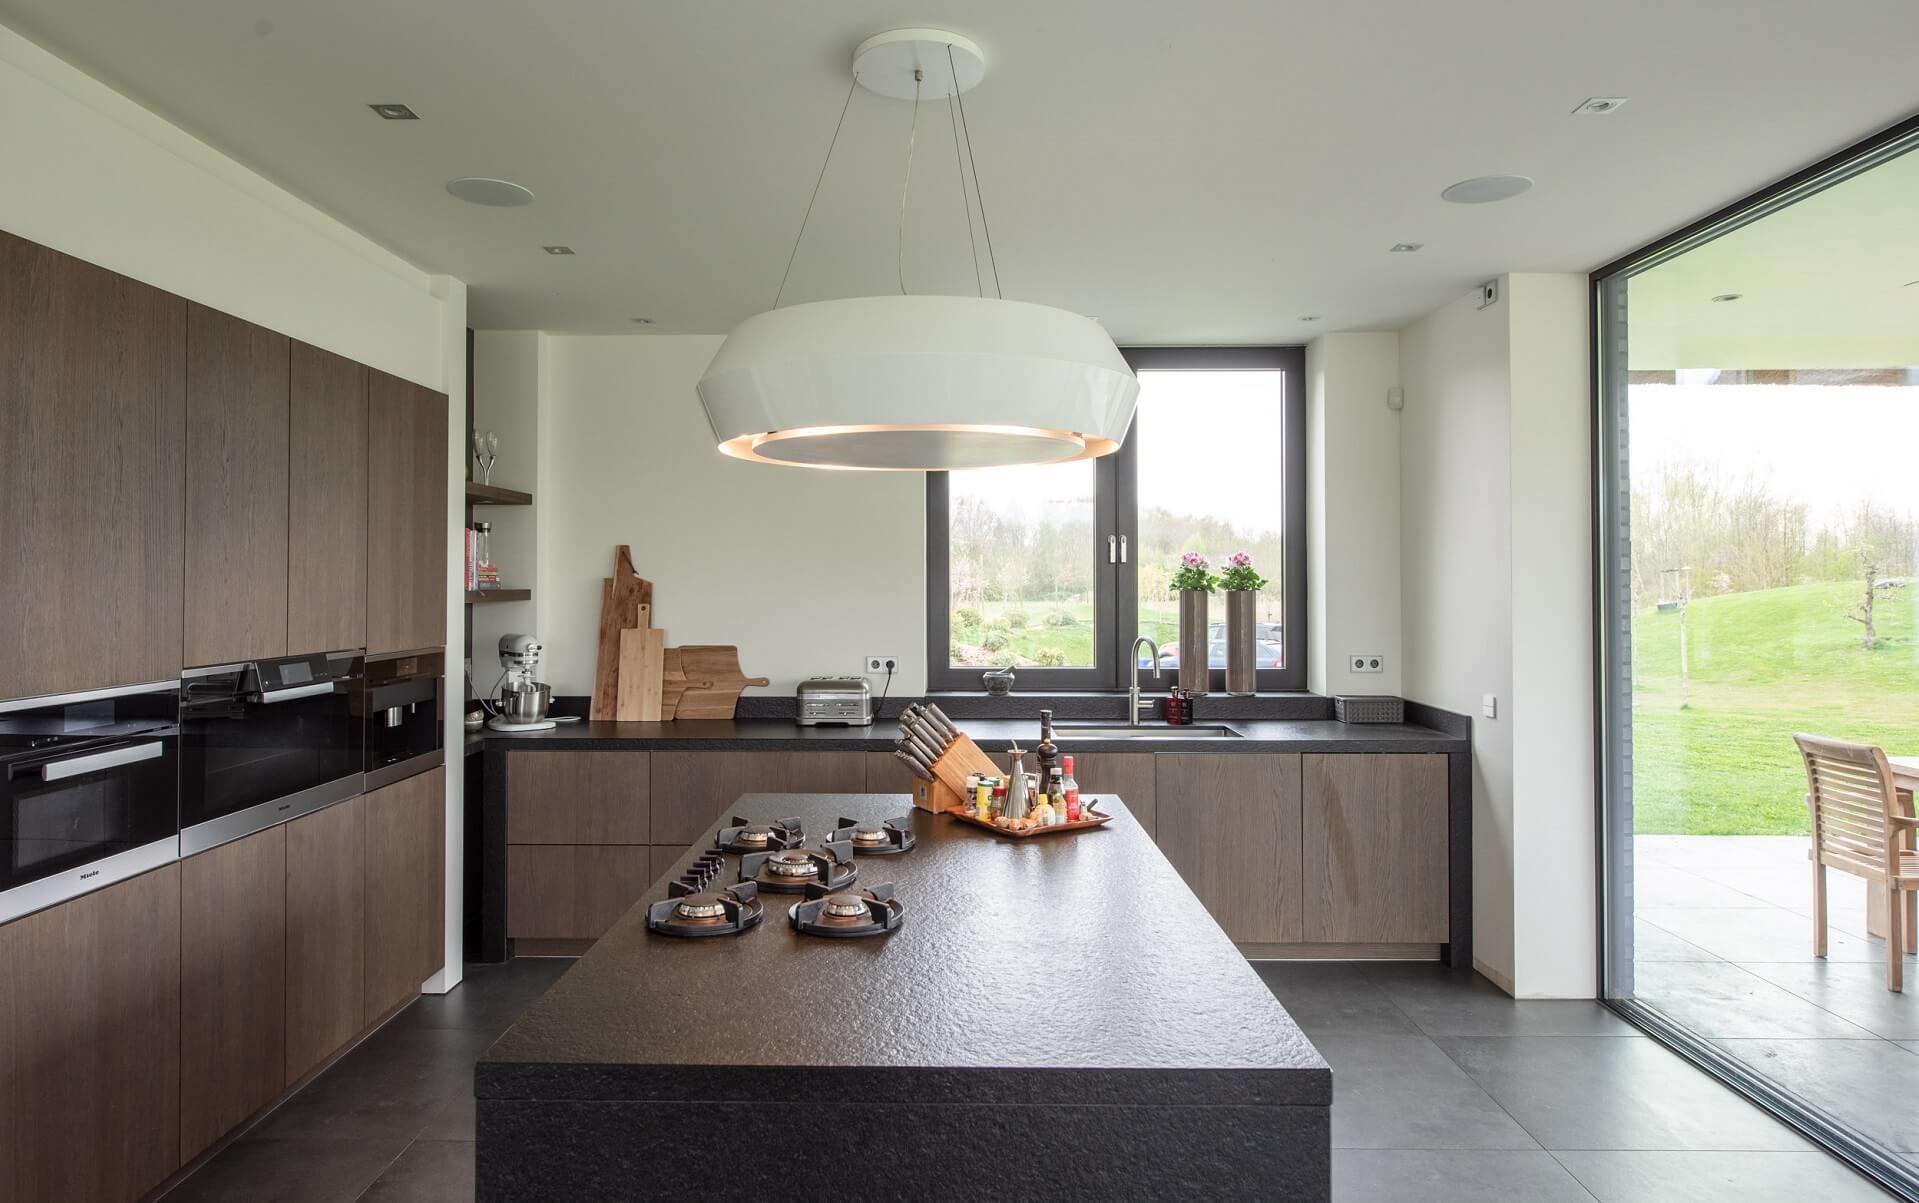 #kavel #gevels #villa #licht #binnenkijken #Huis #interieurontwerp #interieurdesign #nterieur #interieurdesignideas #interiordesigners #interiordesigninspiratie #interiordesigninspiration #interiordesignphotography #interiordesigntips #interiordesignart #interiordesigne #interiordesignerlife #nederland #keuken #binnen